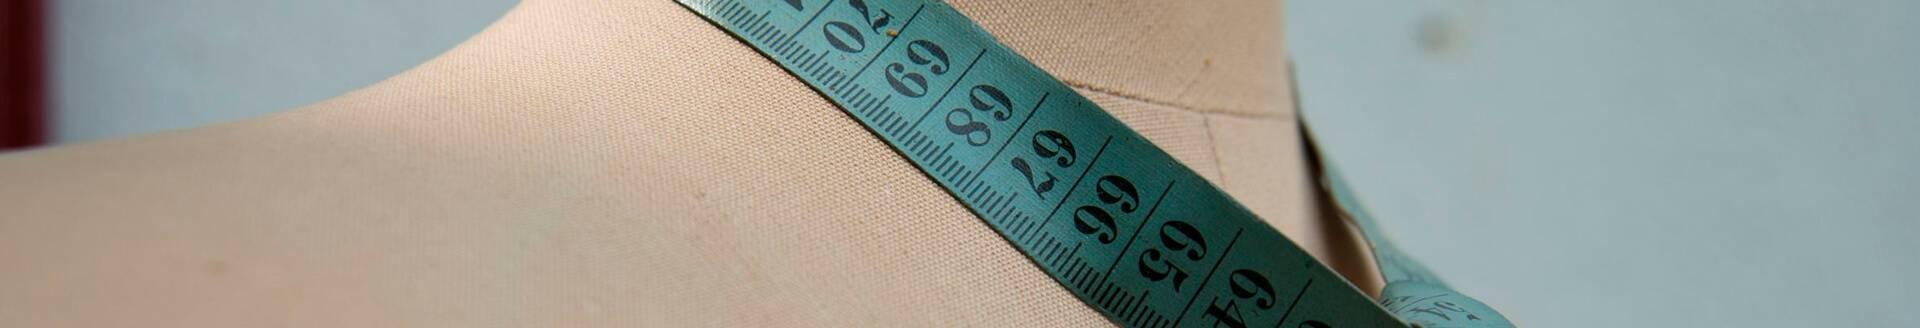 Venta de complementos de corte, confección y bordado para talleres